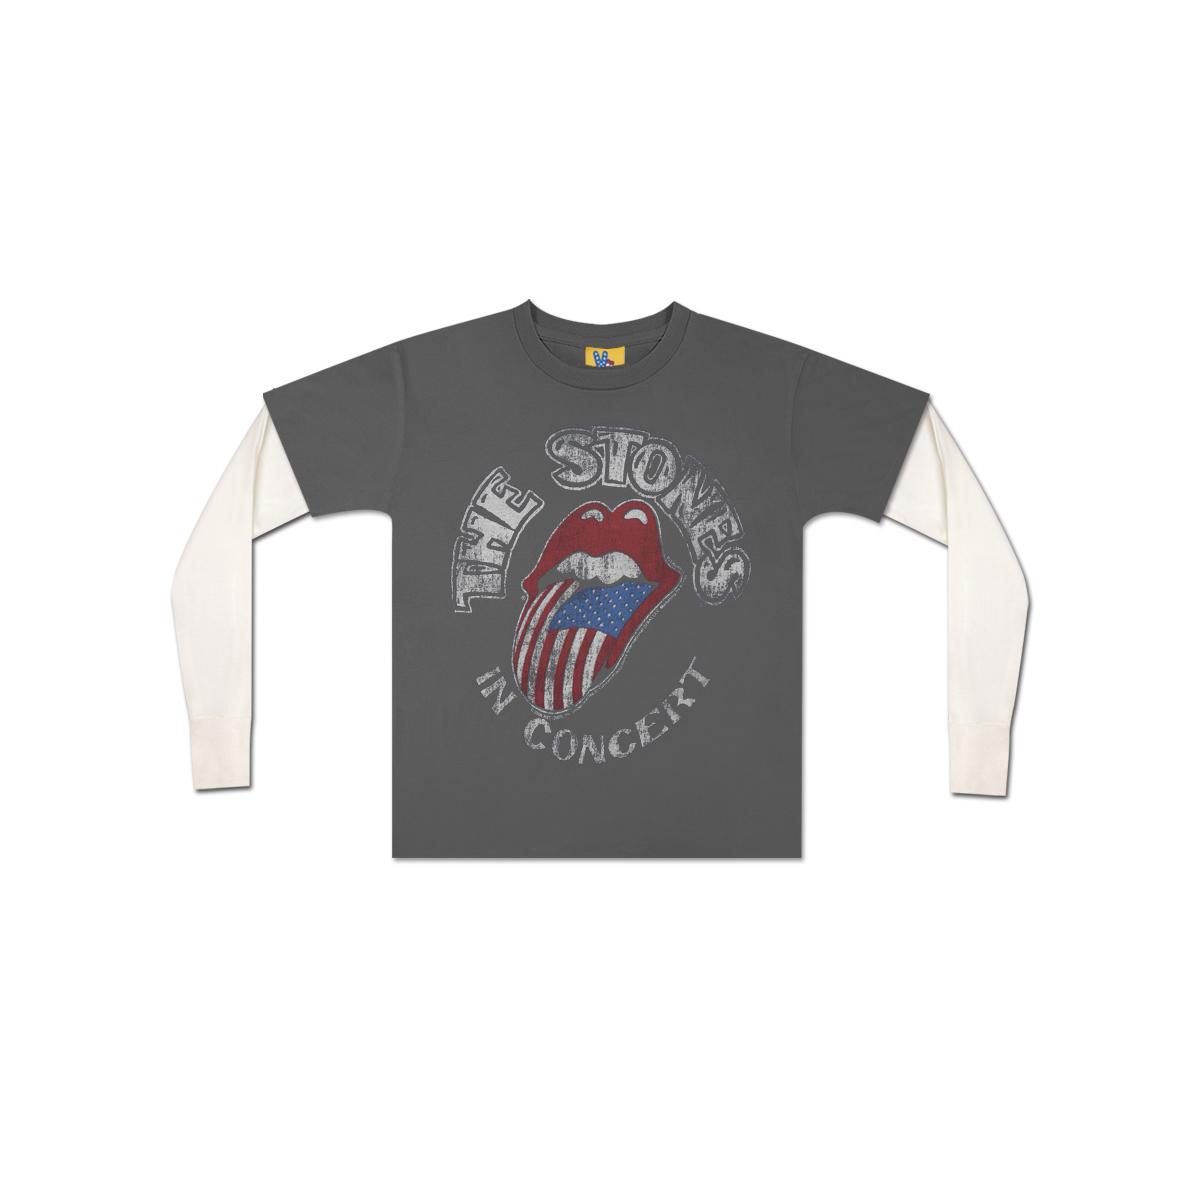 Rolling Stones In Concert Toddler Twofer T-Shirt